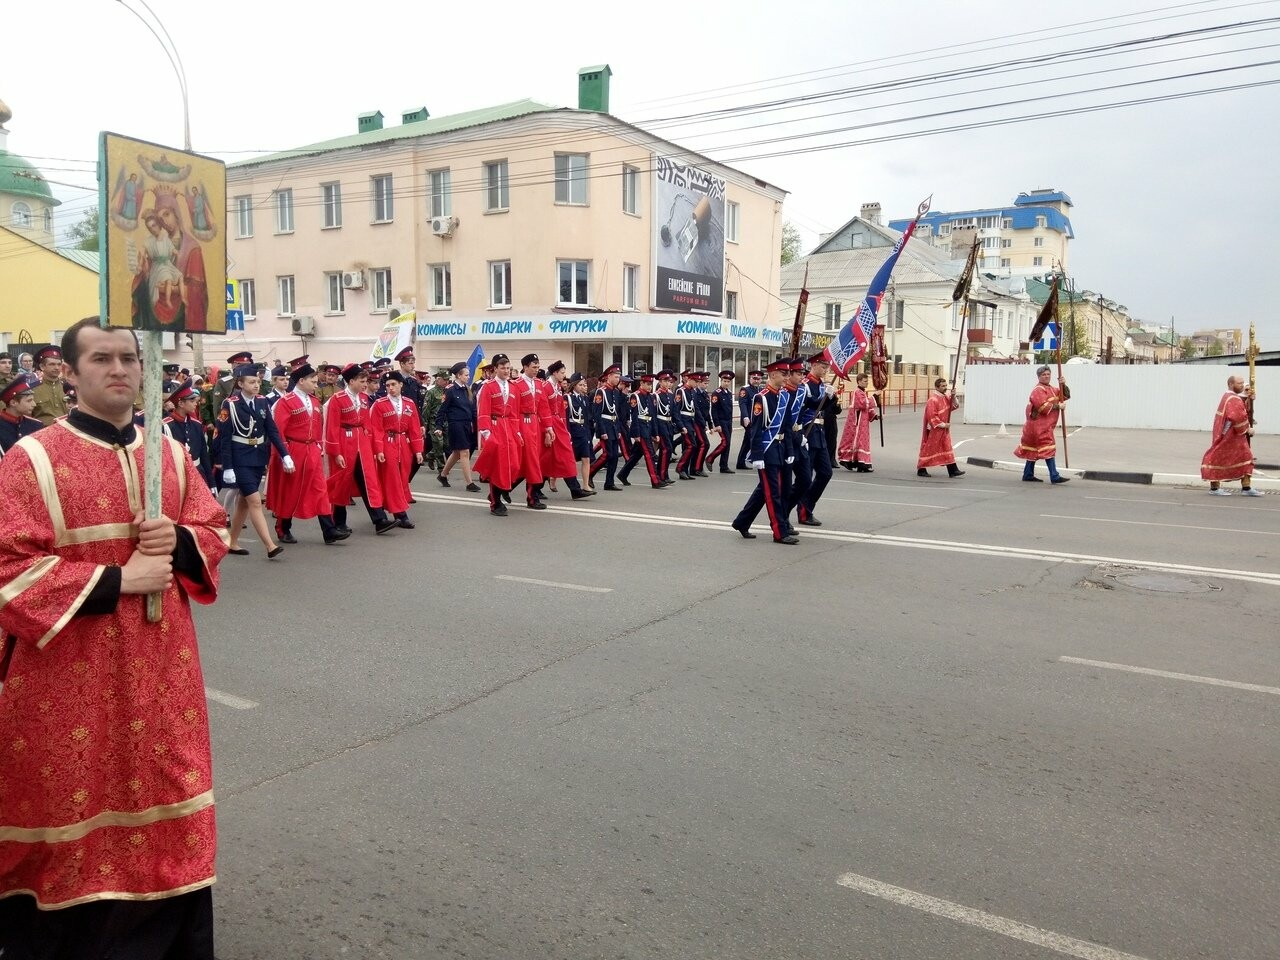 Тамбовские верующие совершили пасхальный крестный ход по улицам Тамбова, фото-7